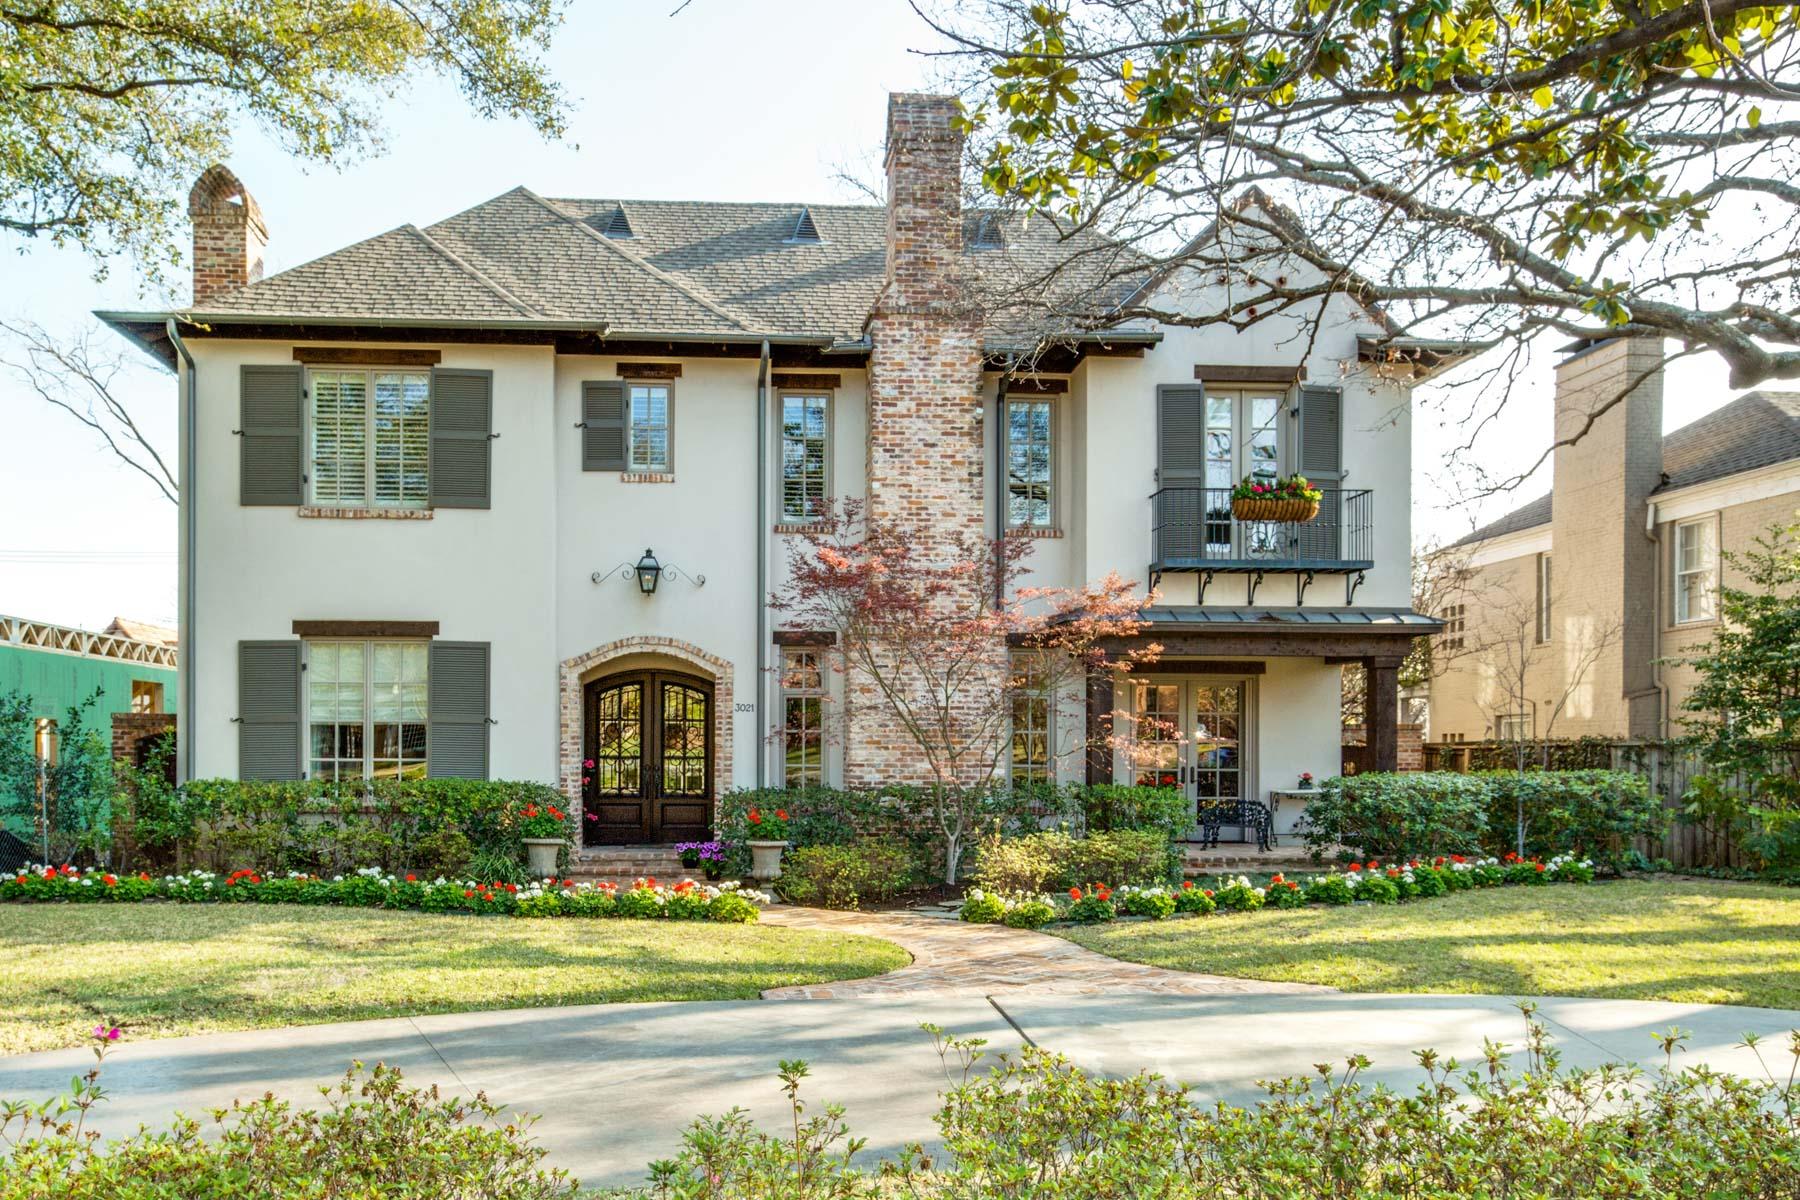 Einfamilienhaus für Verkauf beim Southern A. Hays Towns Inspired Home 3021 Southwestern Blvd Dallas, Texas, 75225 Vereinigte Staaten